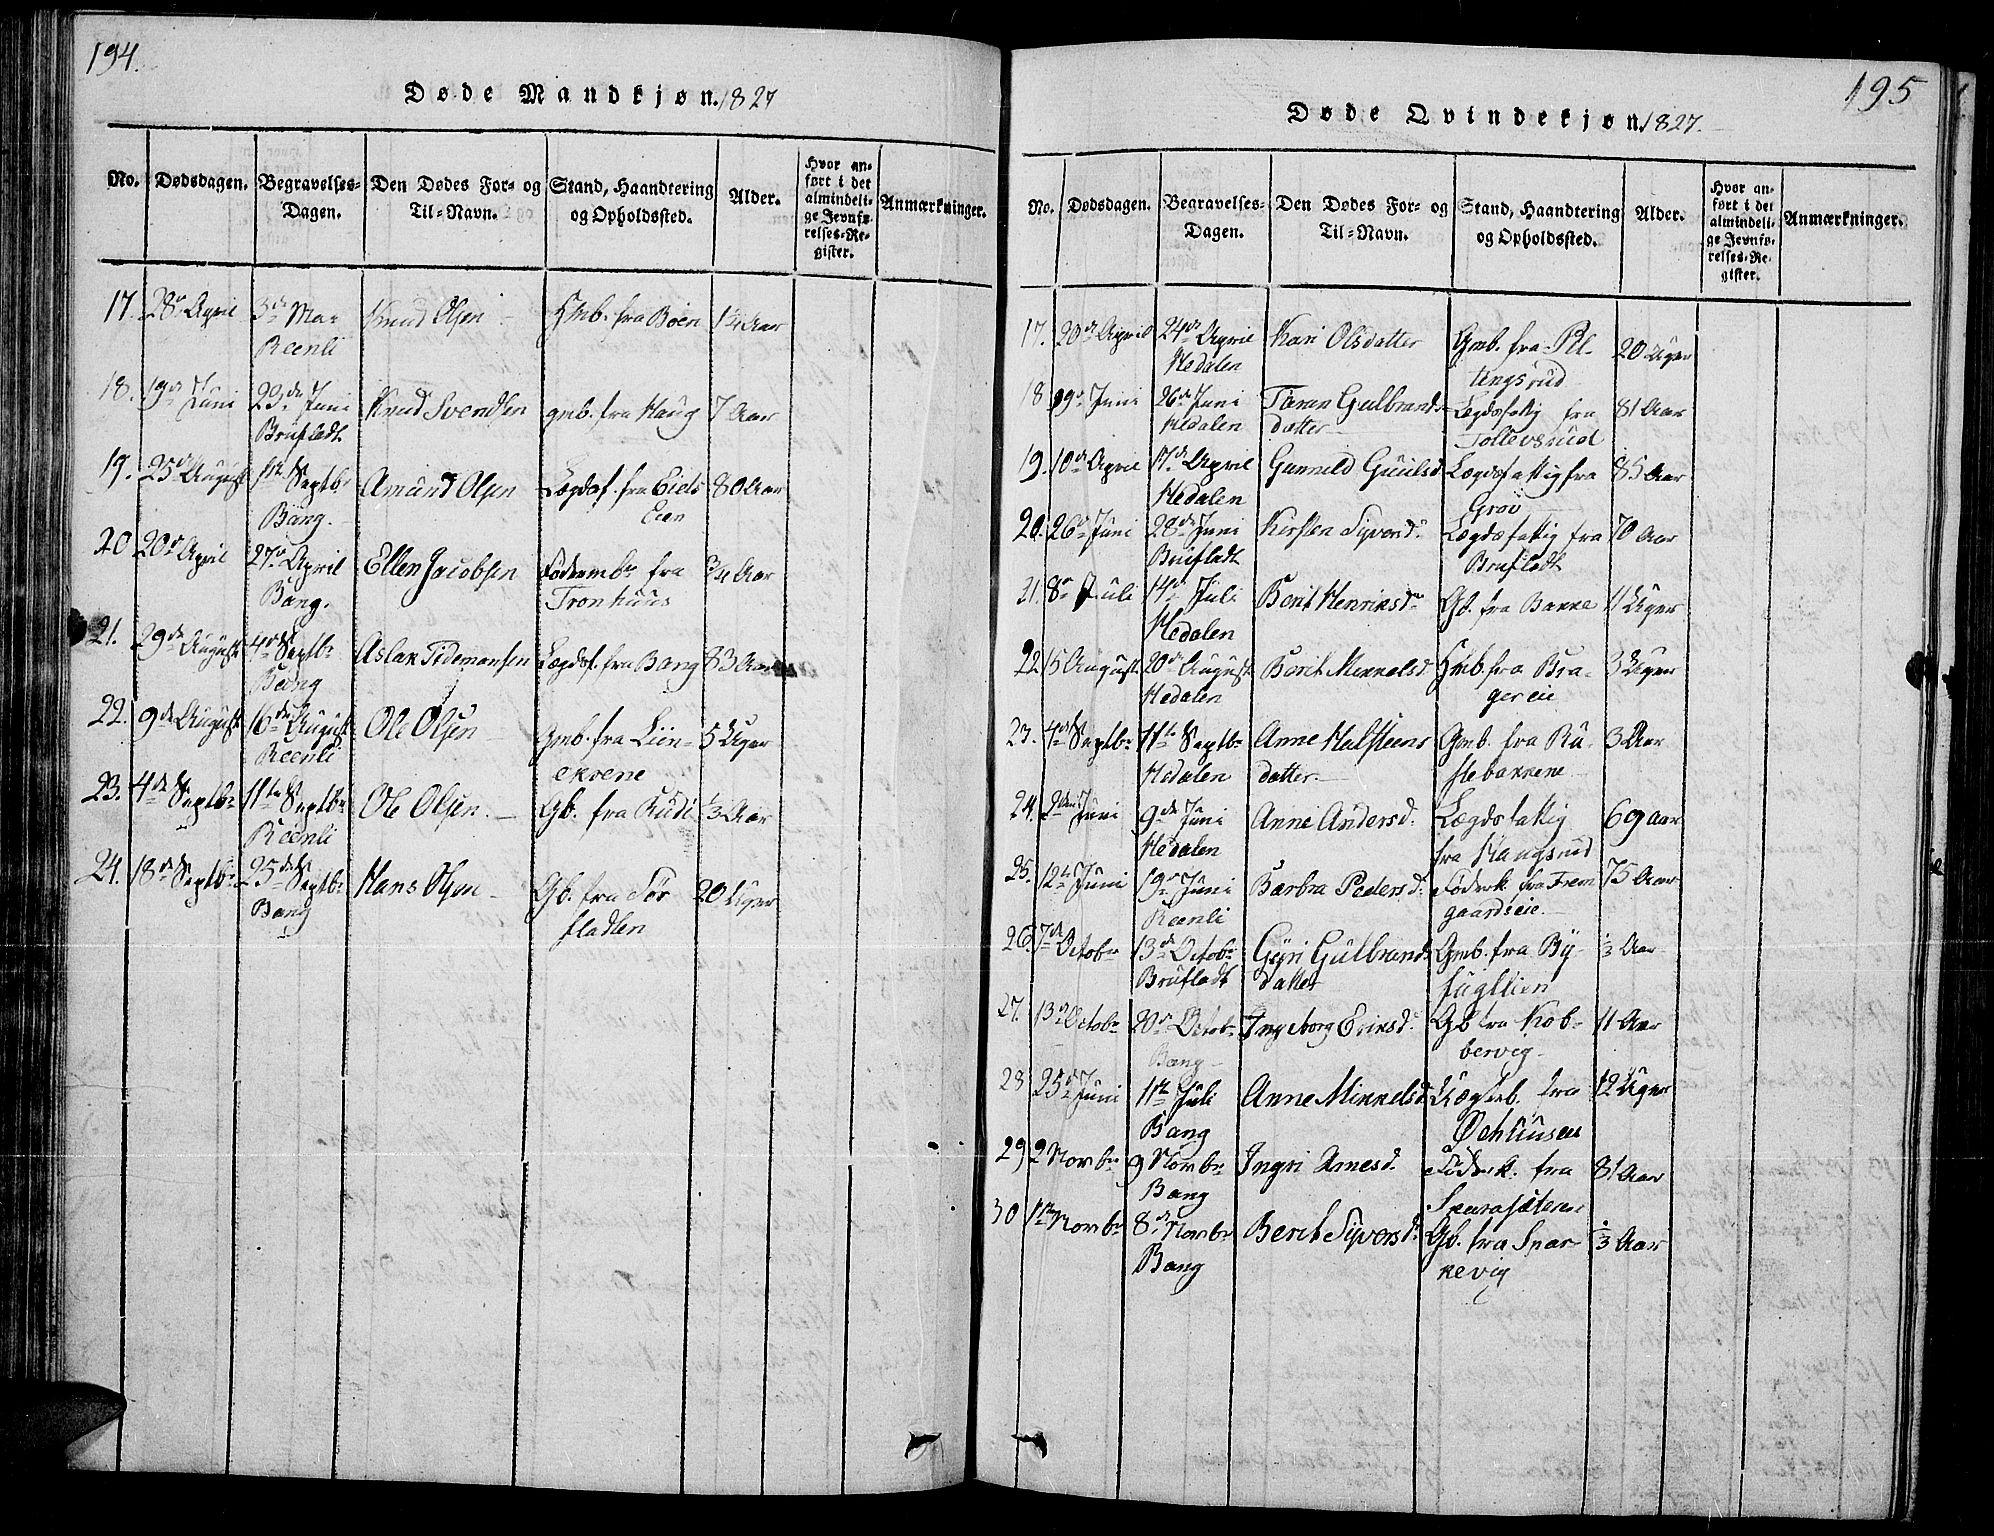 SAH, Sør-Aurdal prestekontor, Klokkerbok nr. 2, 1826-1840, s. 194-195